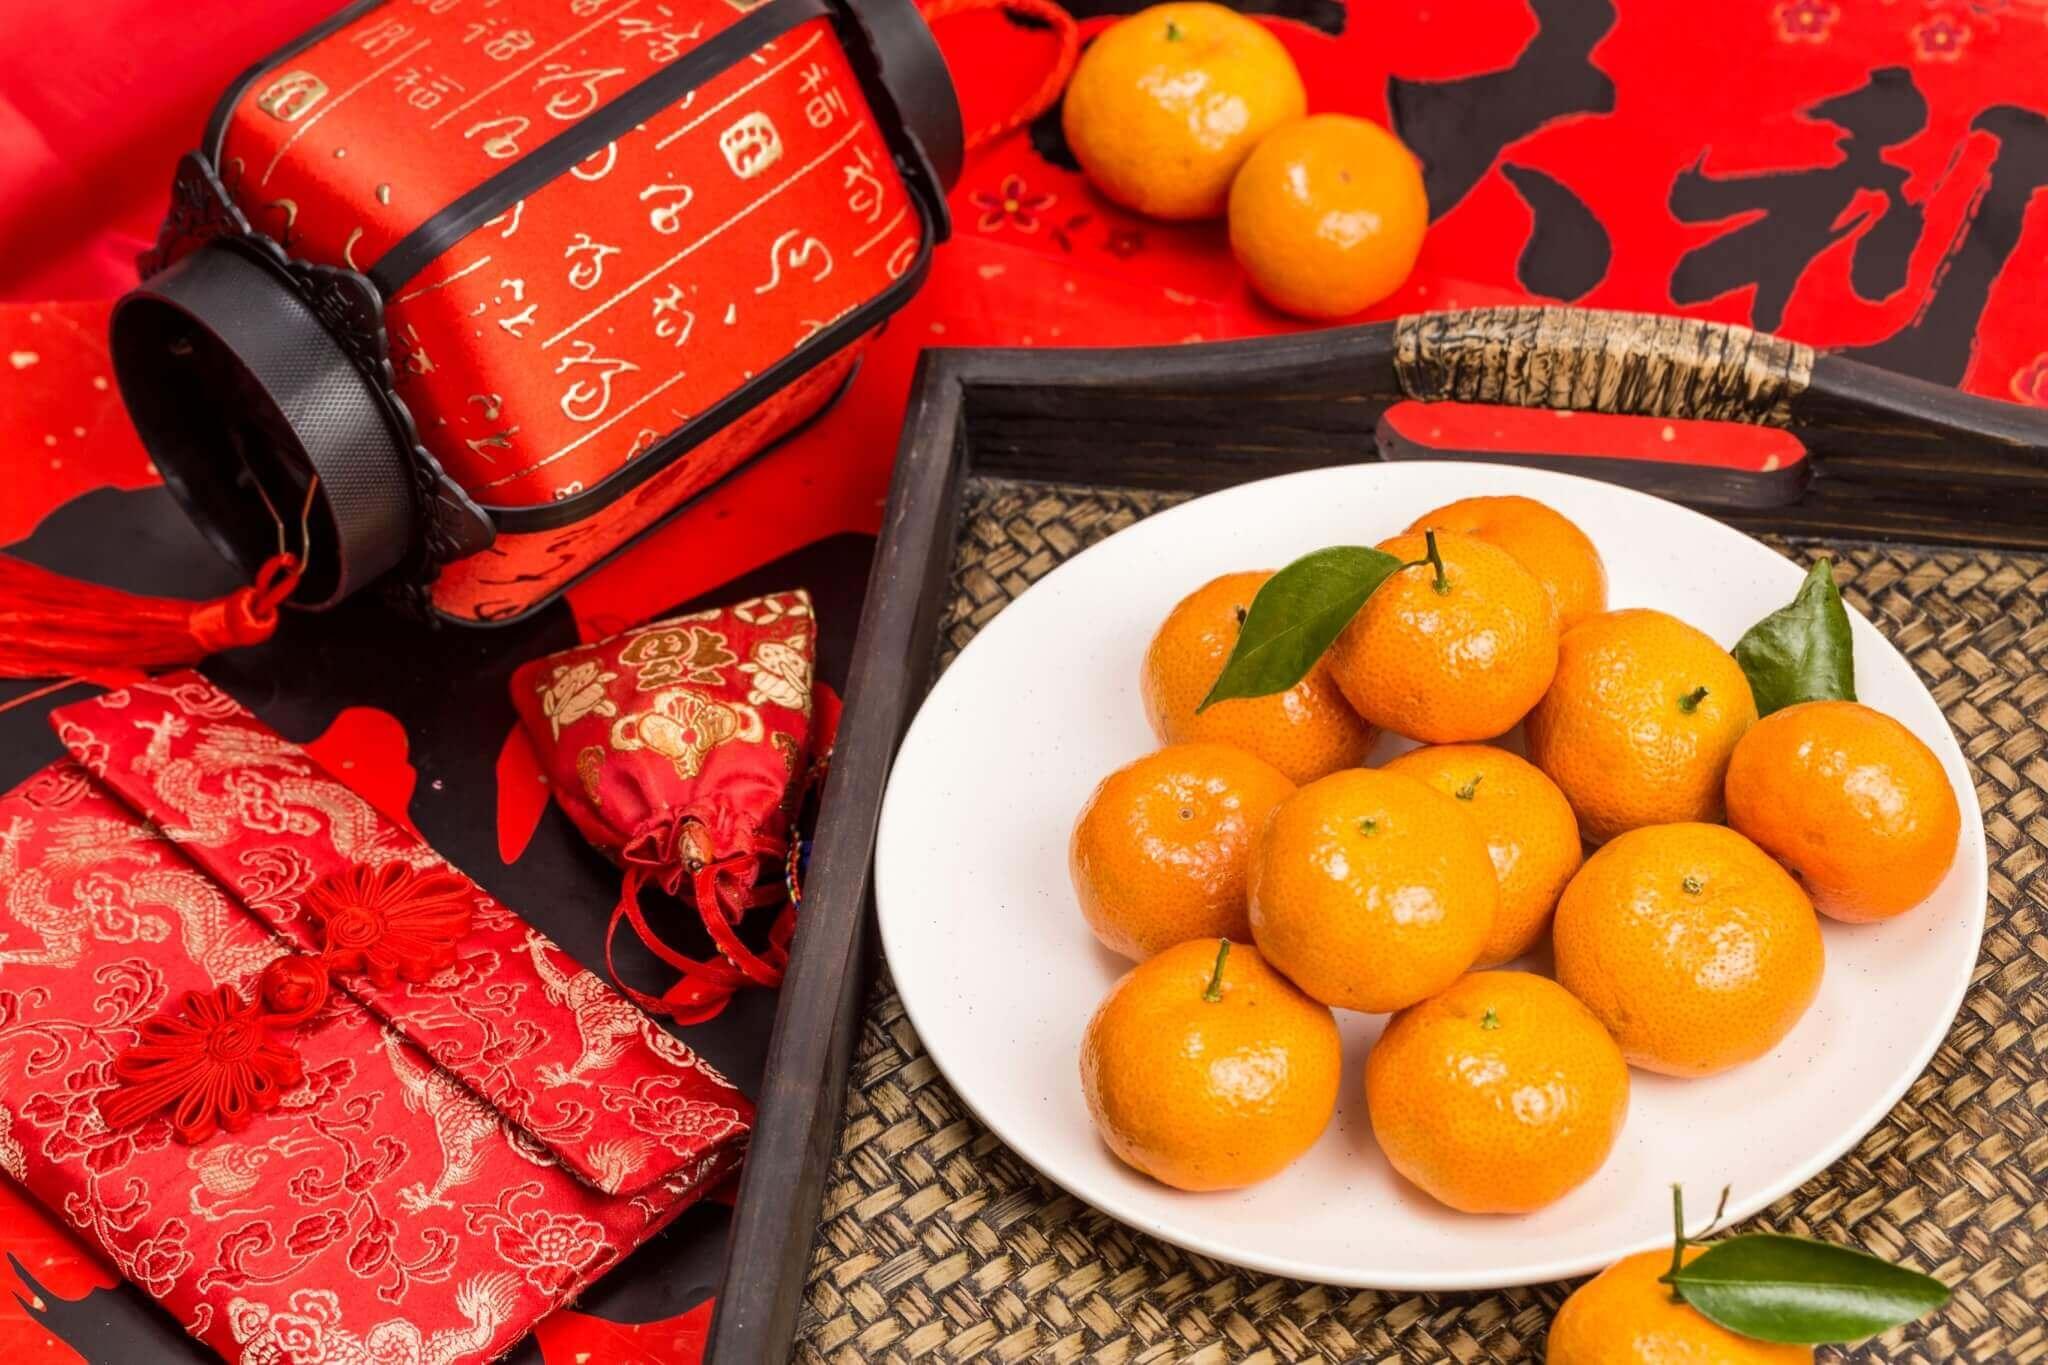 ผลไม้ ของไหว้วันตรุษจีน 2564